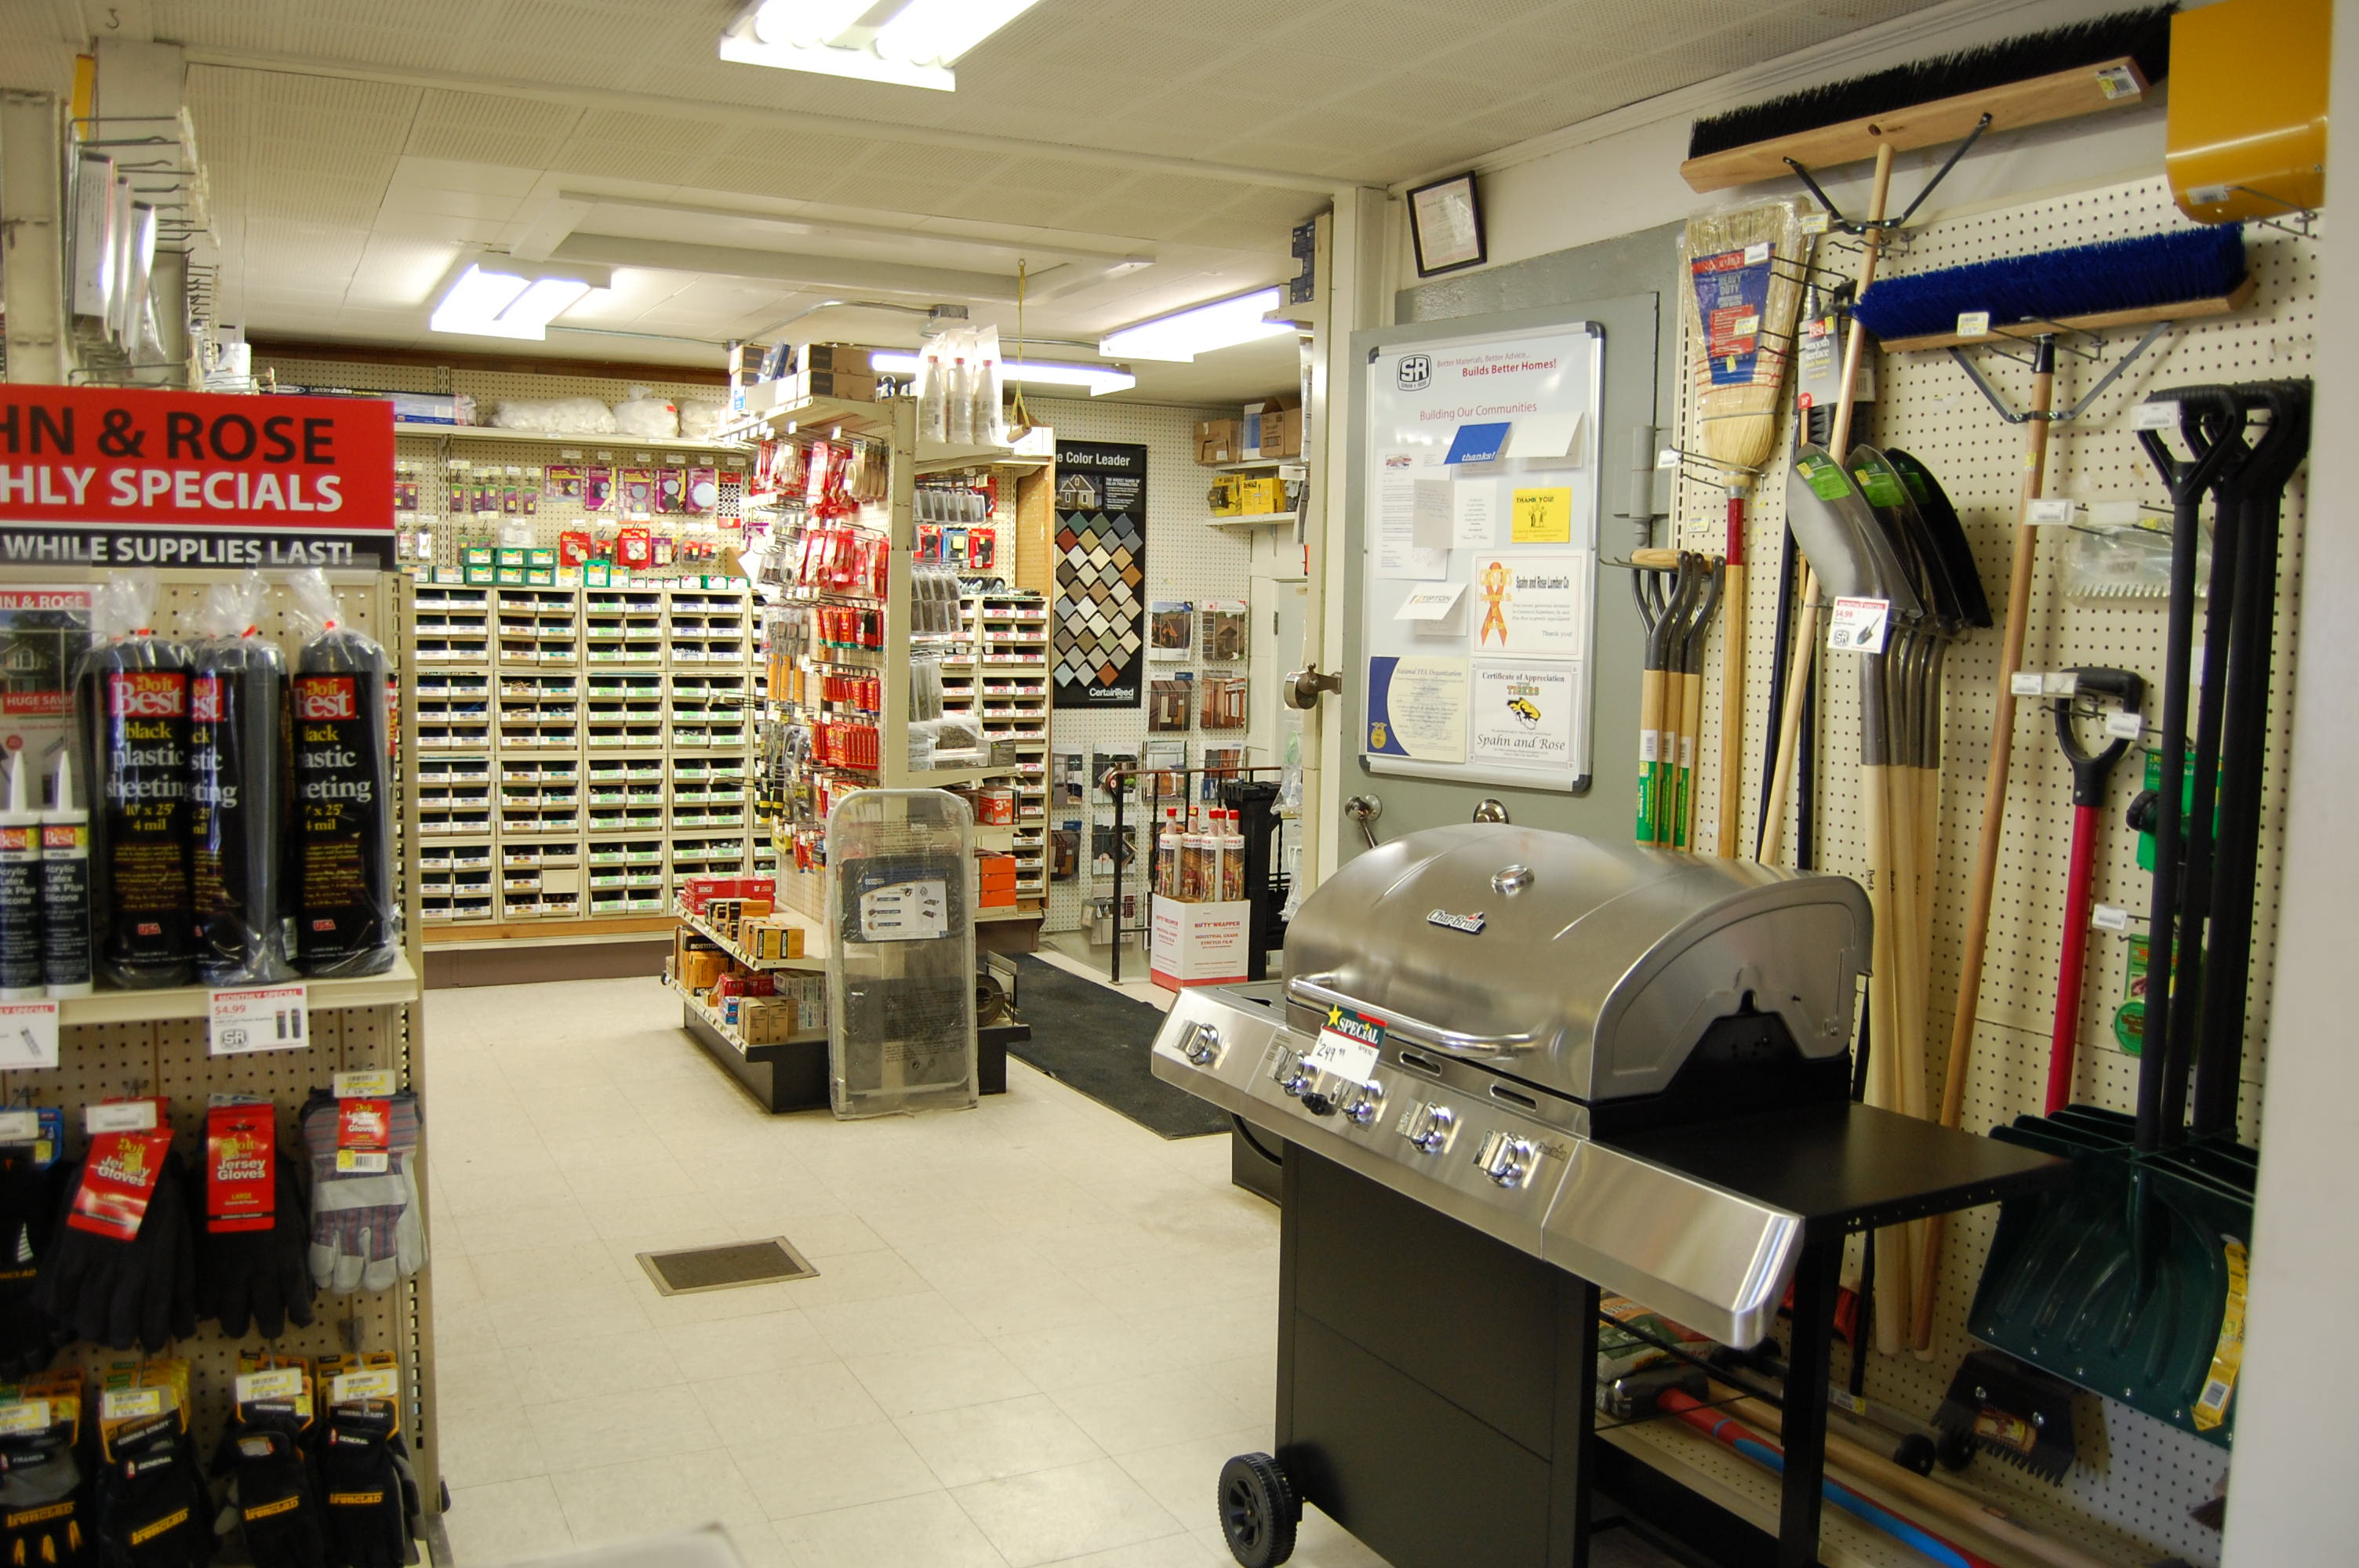 Tipton Store